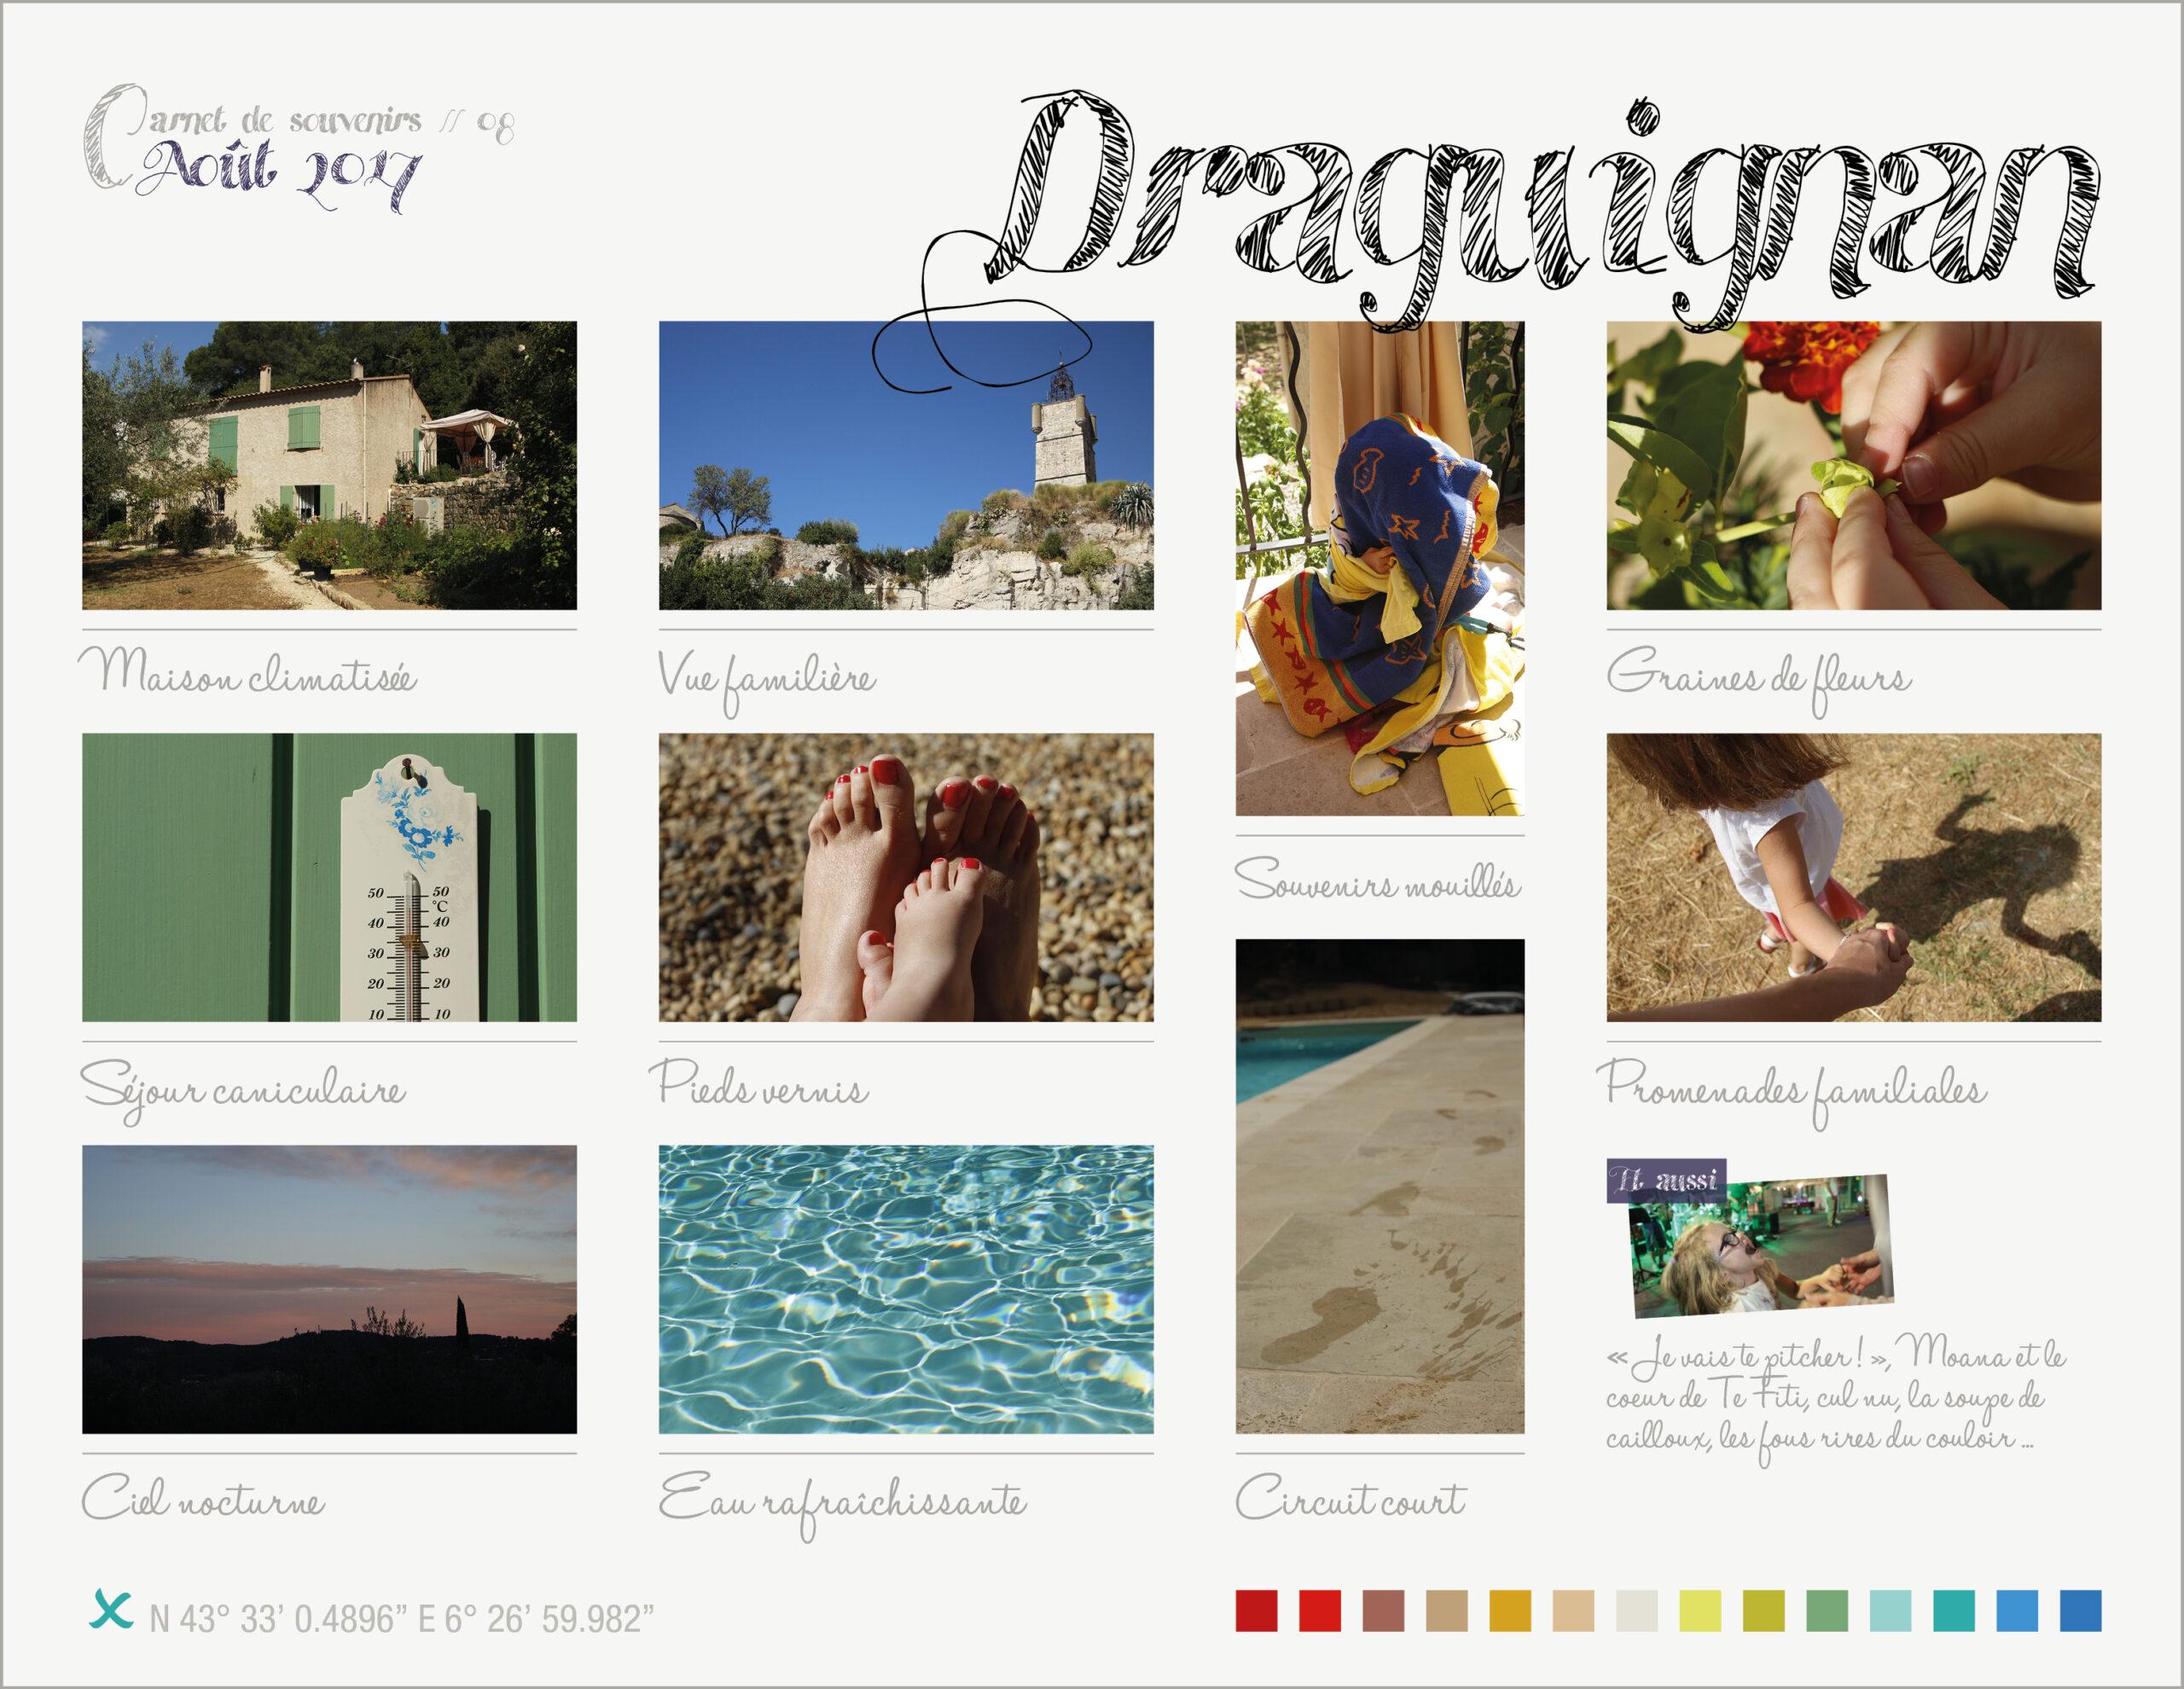 Carnet de souvenirs 08 // Draguignan